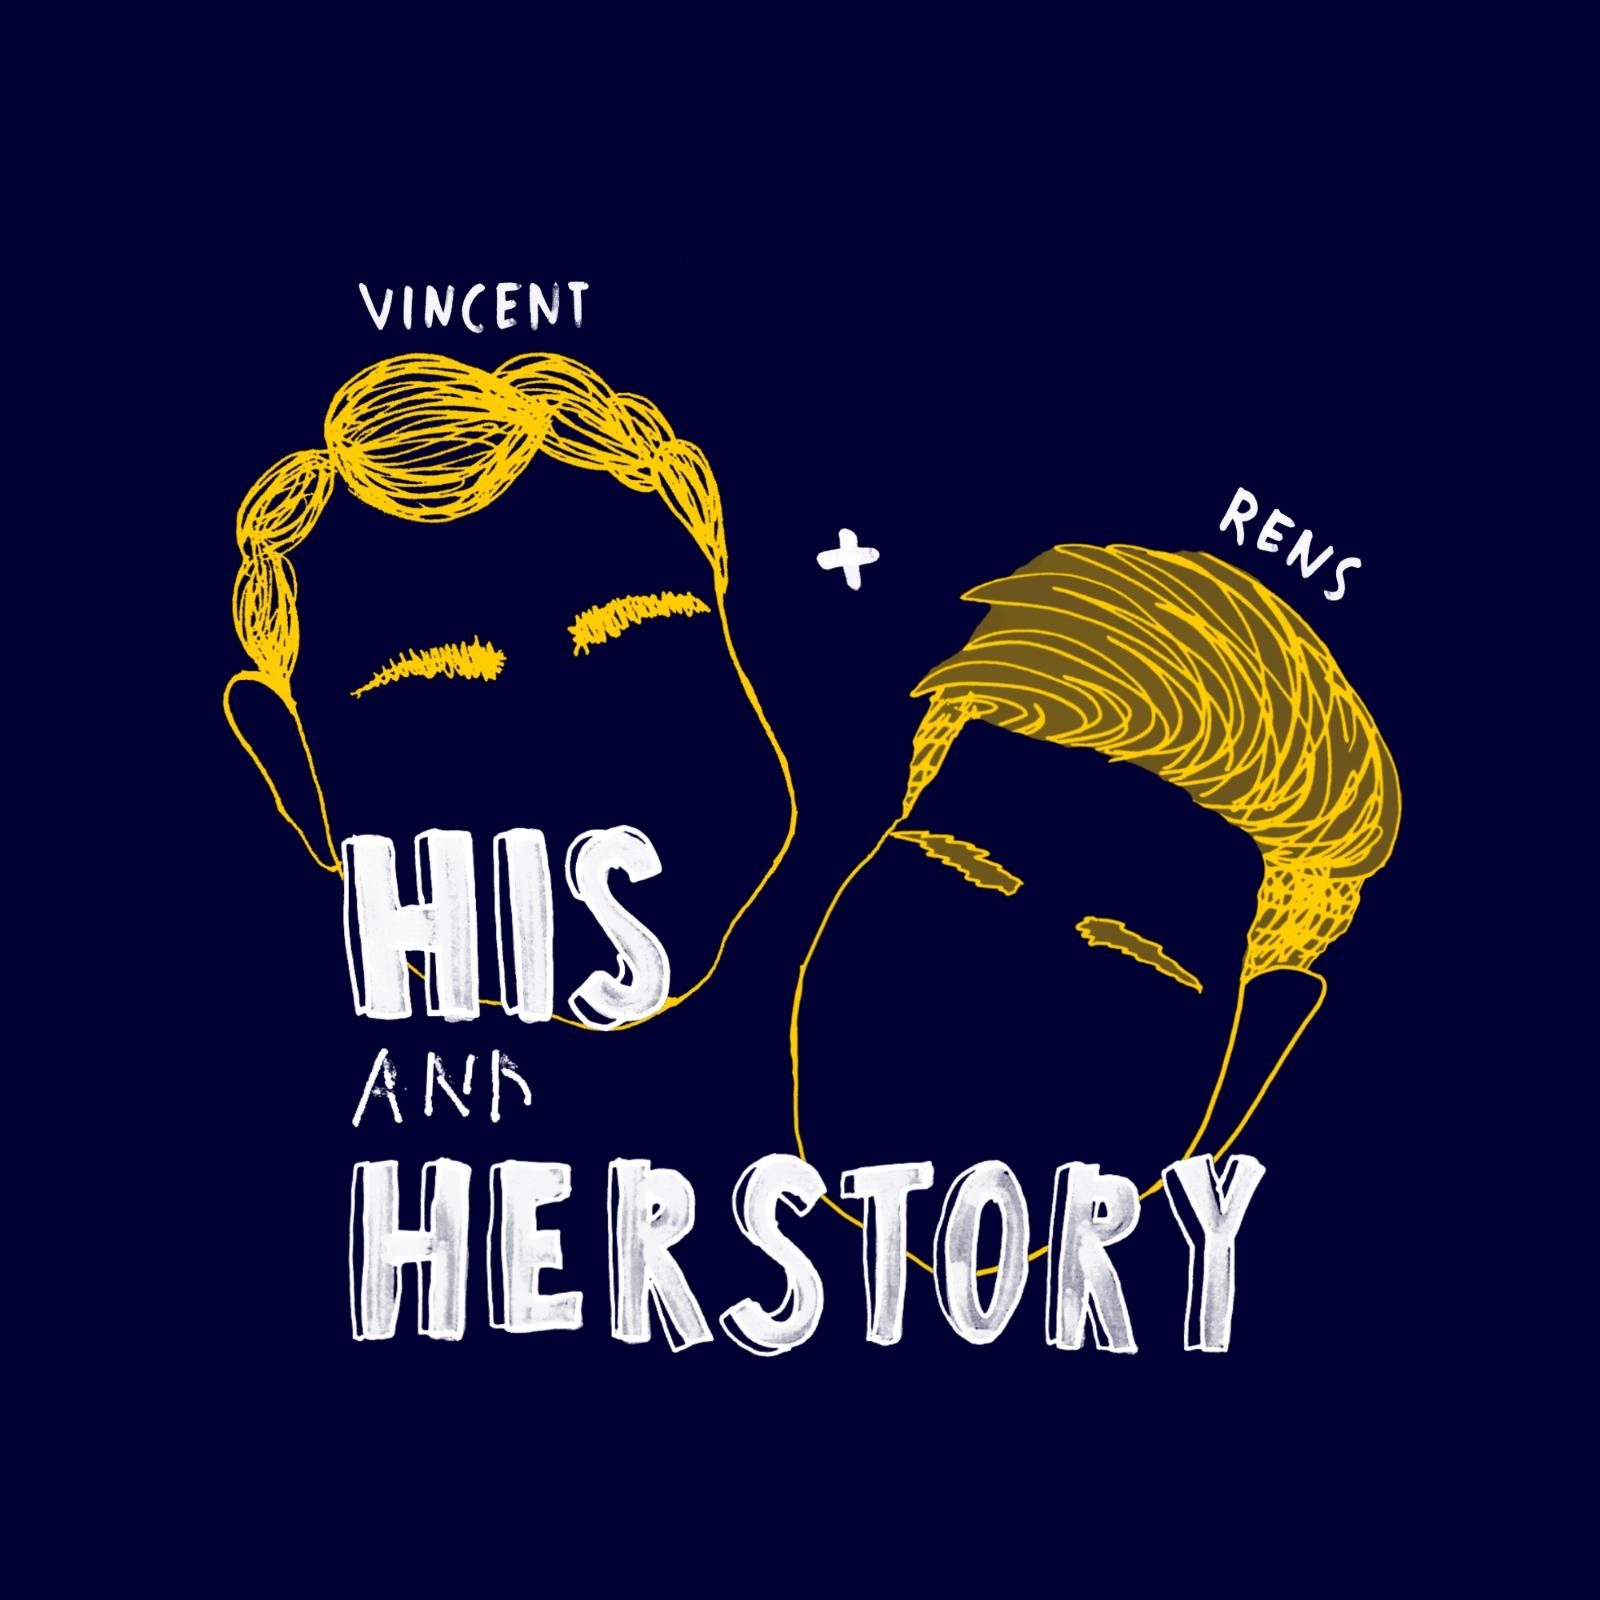 His and Herstory podcasts over vrouwen in de geschiedenis